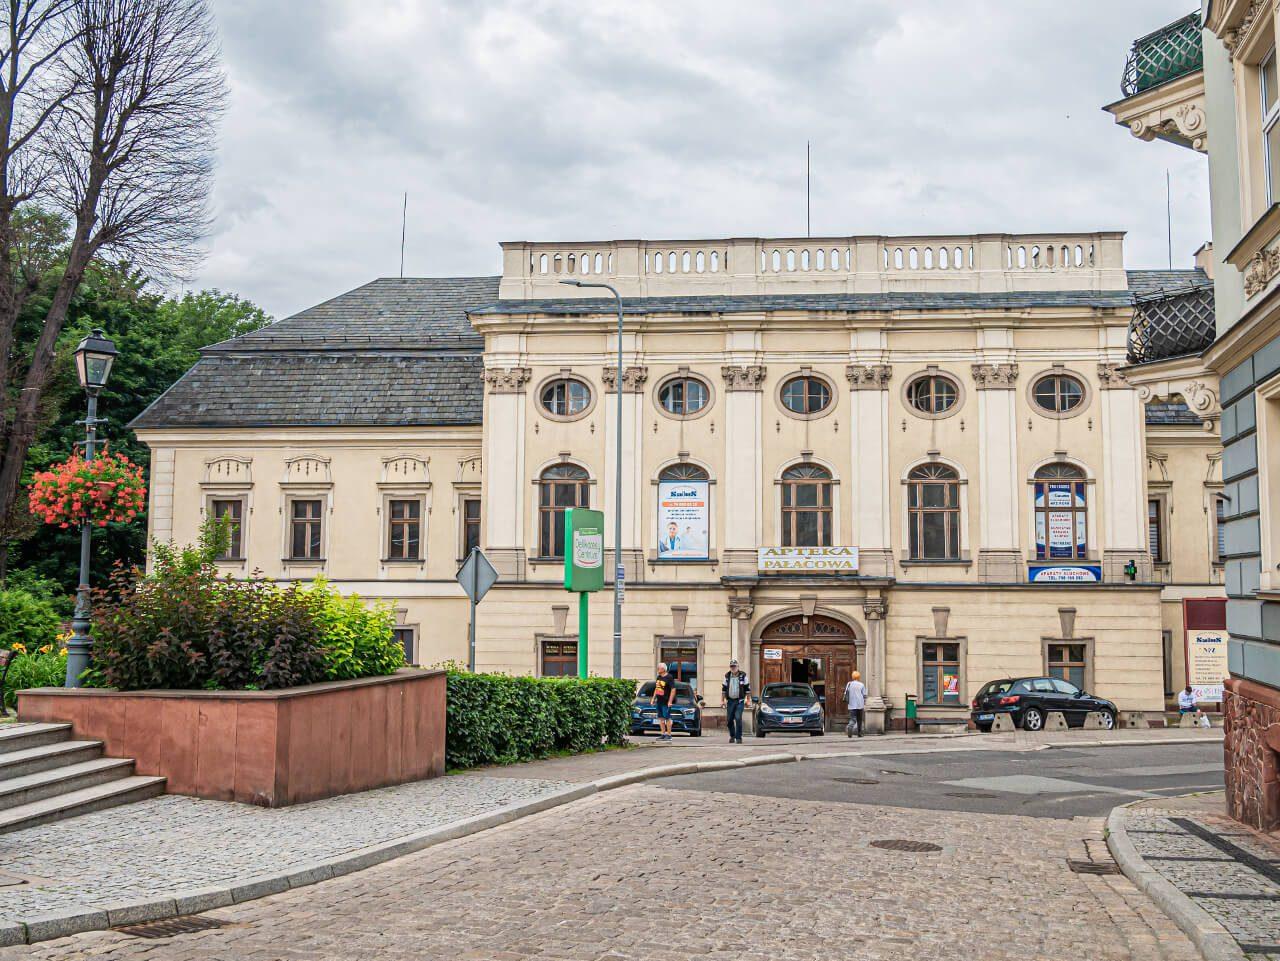 Zamek Stillfriedów 300 lat rezydencja dwor obronny architekura Nowa Ruda3